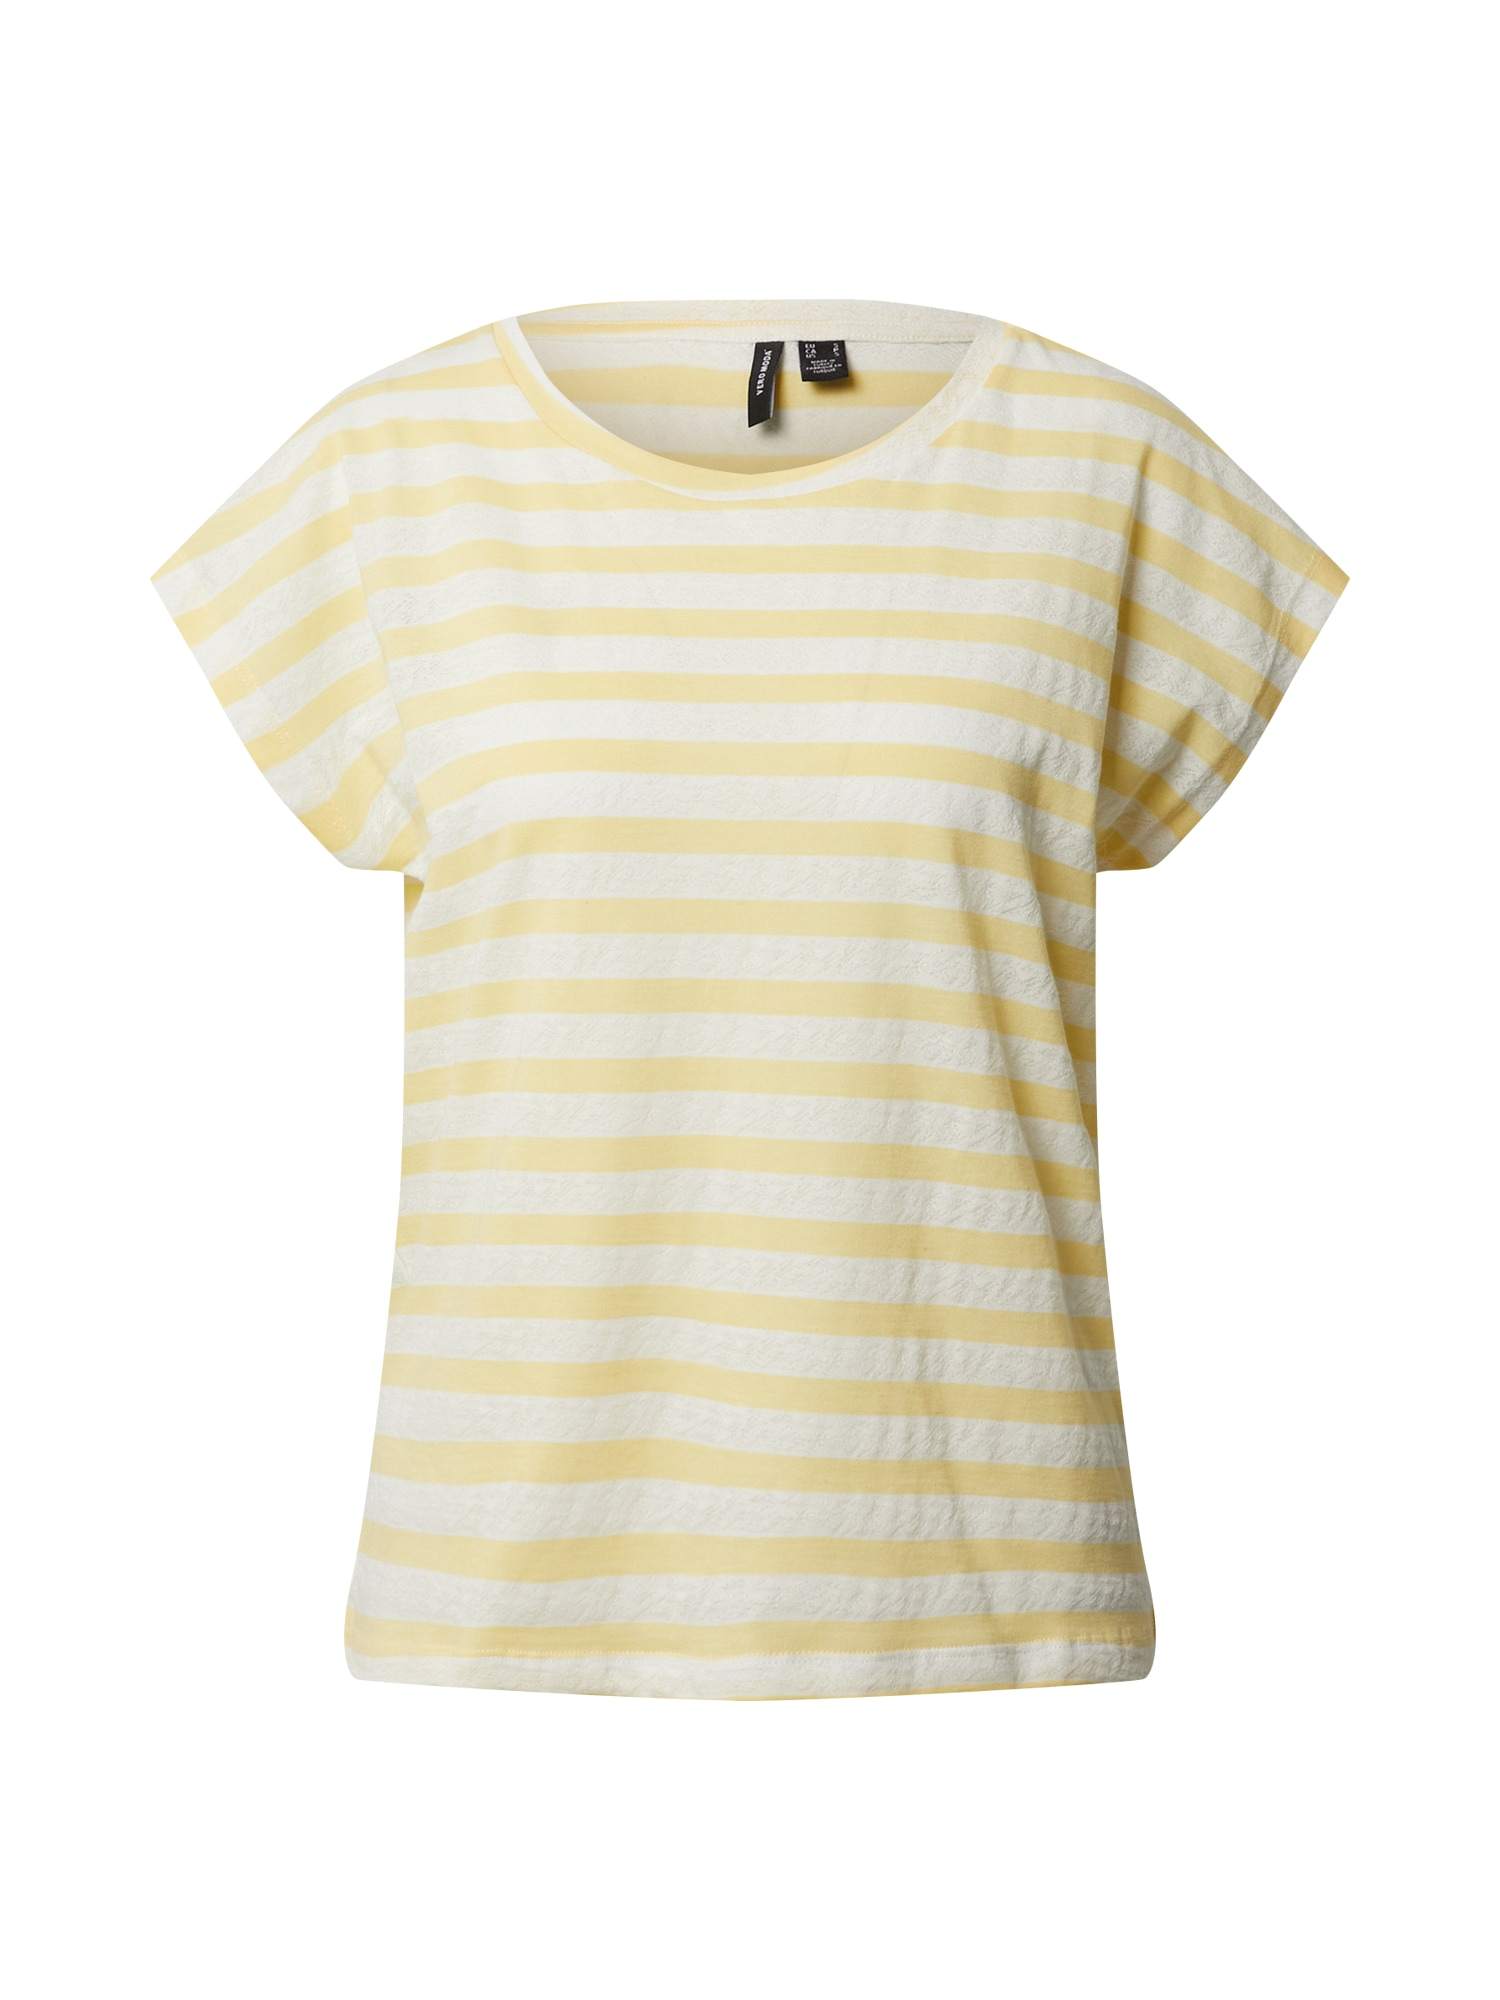 VERO MODA Tričko 'OSRA AVA'  žlté / biela